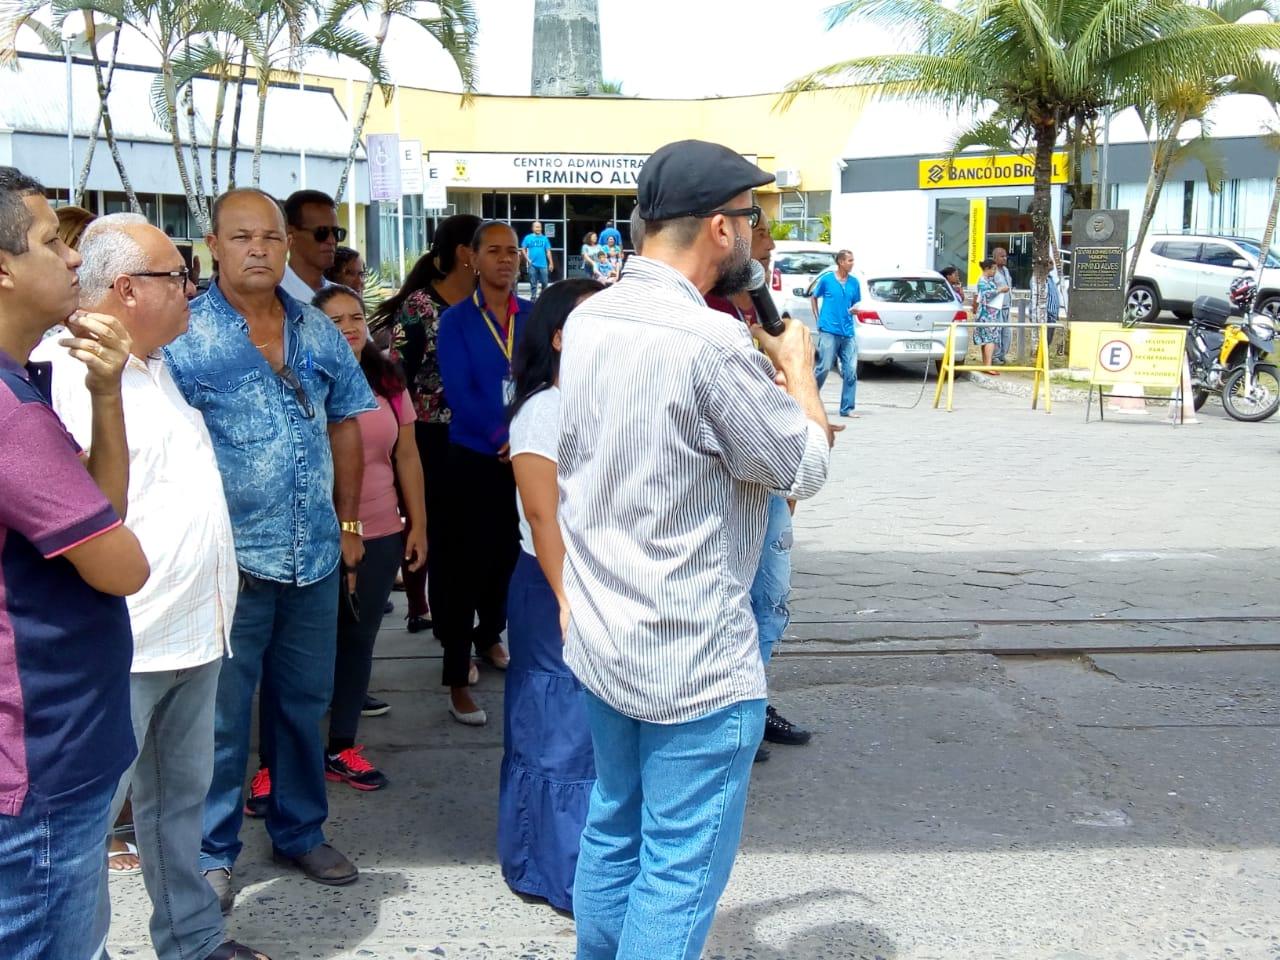 O Sindicato dos Comerciários de Itabuna vem a público manifestar seu  repúdio ao fechamento da agência Grapiúna do Banco do Brasil 82ffc60450c5a